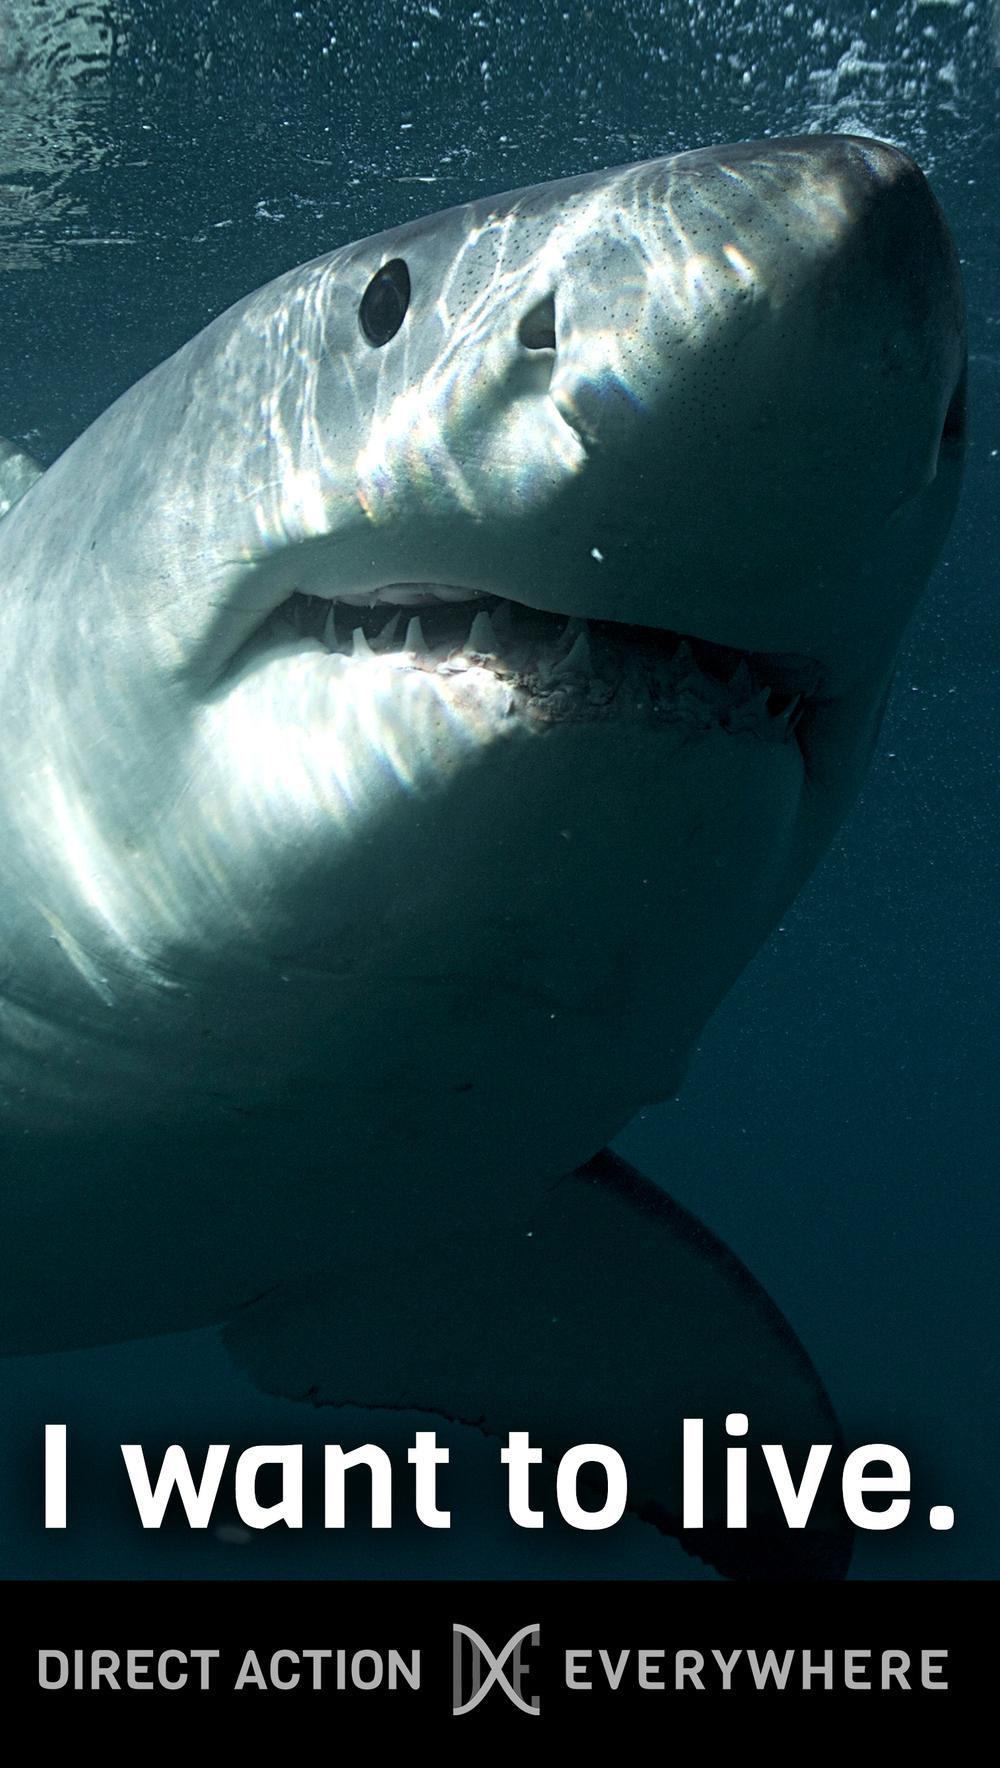 iwanttolive_shark.jpg